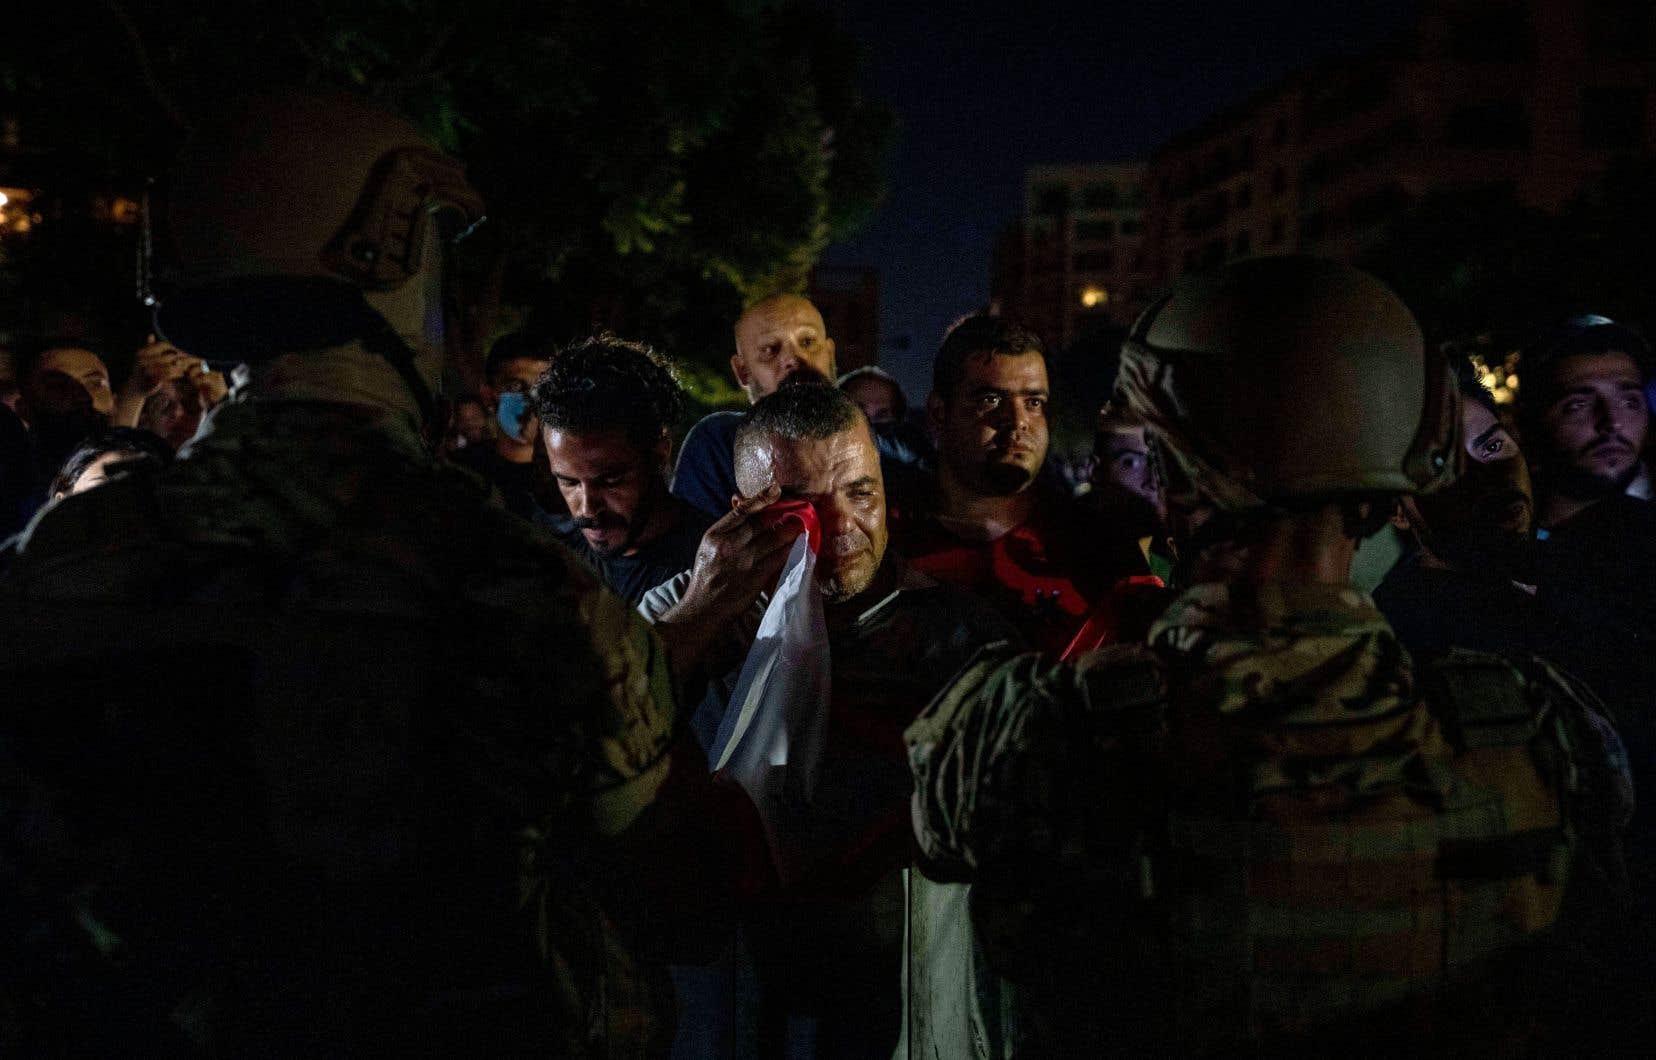 Un manifestant antigouvernemental utilise le drapeau national libanais pour essuyer ses larmes lors d'une manifestation devant la résidence du premier ministre libanais désigné Najib Mikati à Beyrouth. Des manifestants se sont rassemblés dans les rues de Beyrouth un jour après le meurtre de 28 personnes en raison d'une explosion d'entrepôt où le carburant était illégalement stocké.